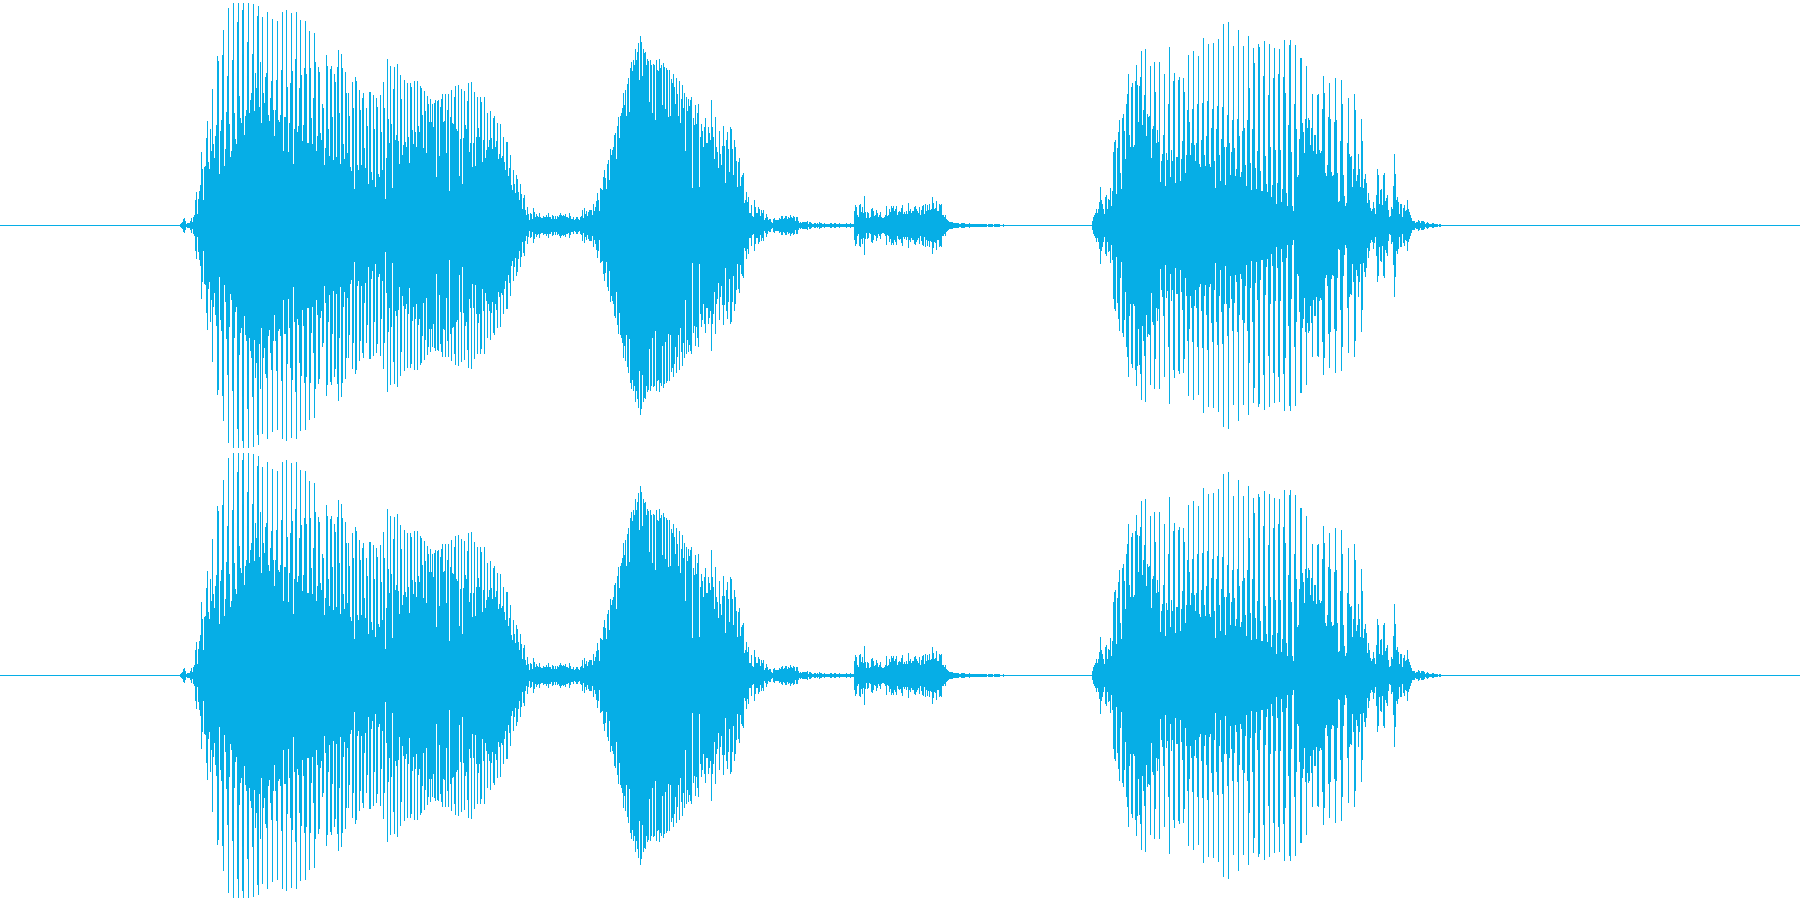 遊技機ゲーム用女性ボイス「パーフェクト」の再生済みの波形